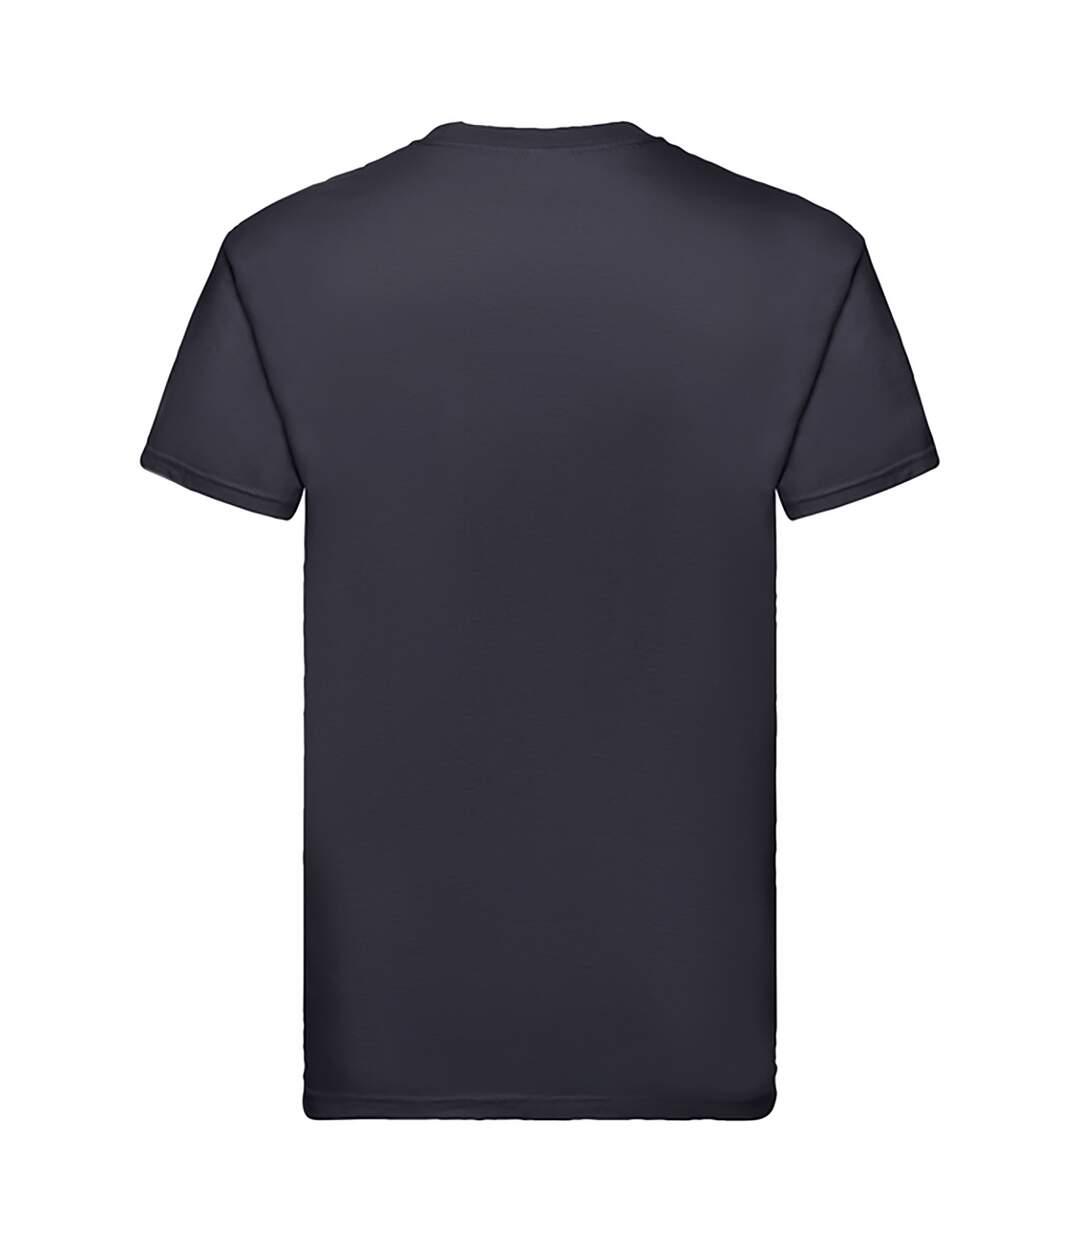 Fruit Of The Loom Mens Super Premium Short Sleeve Crew Neck T-Shirt (Bottle Green) - UTBC333